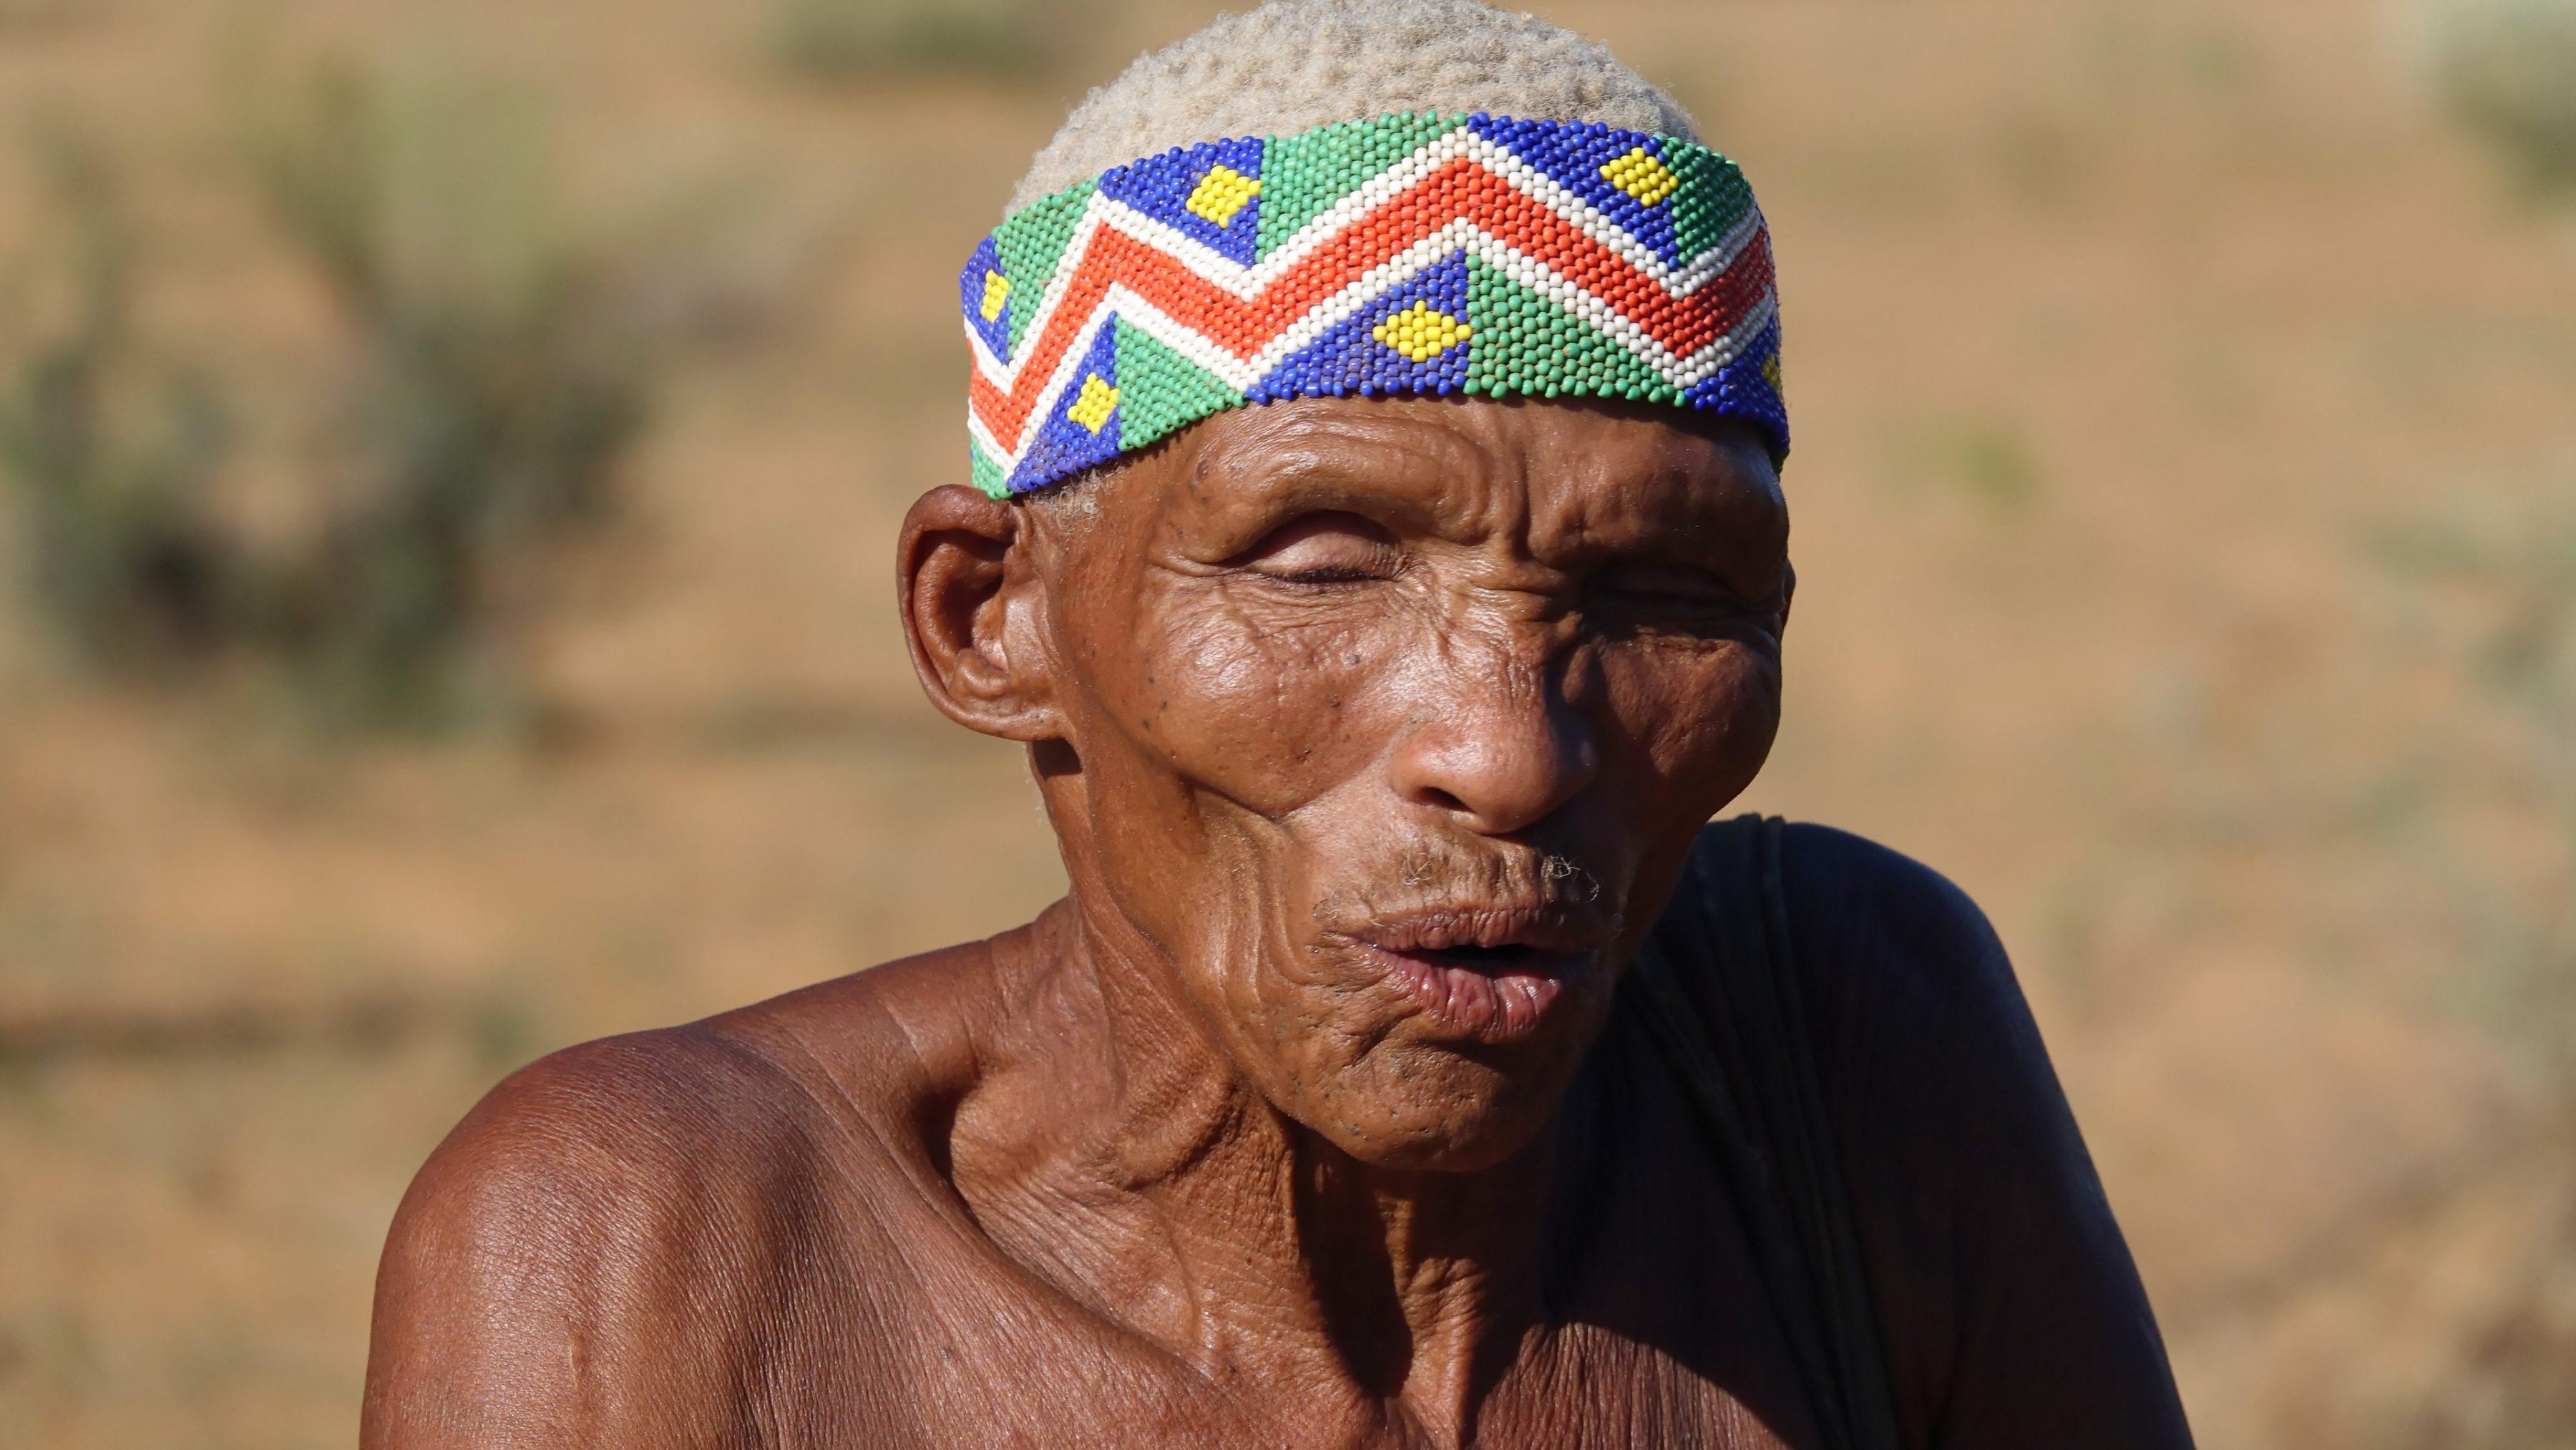 Namibie-2019-04-22, 16h07mn44s - S_2225_blog